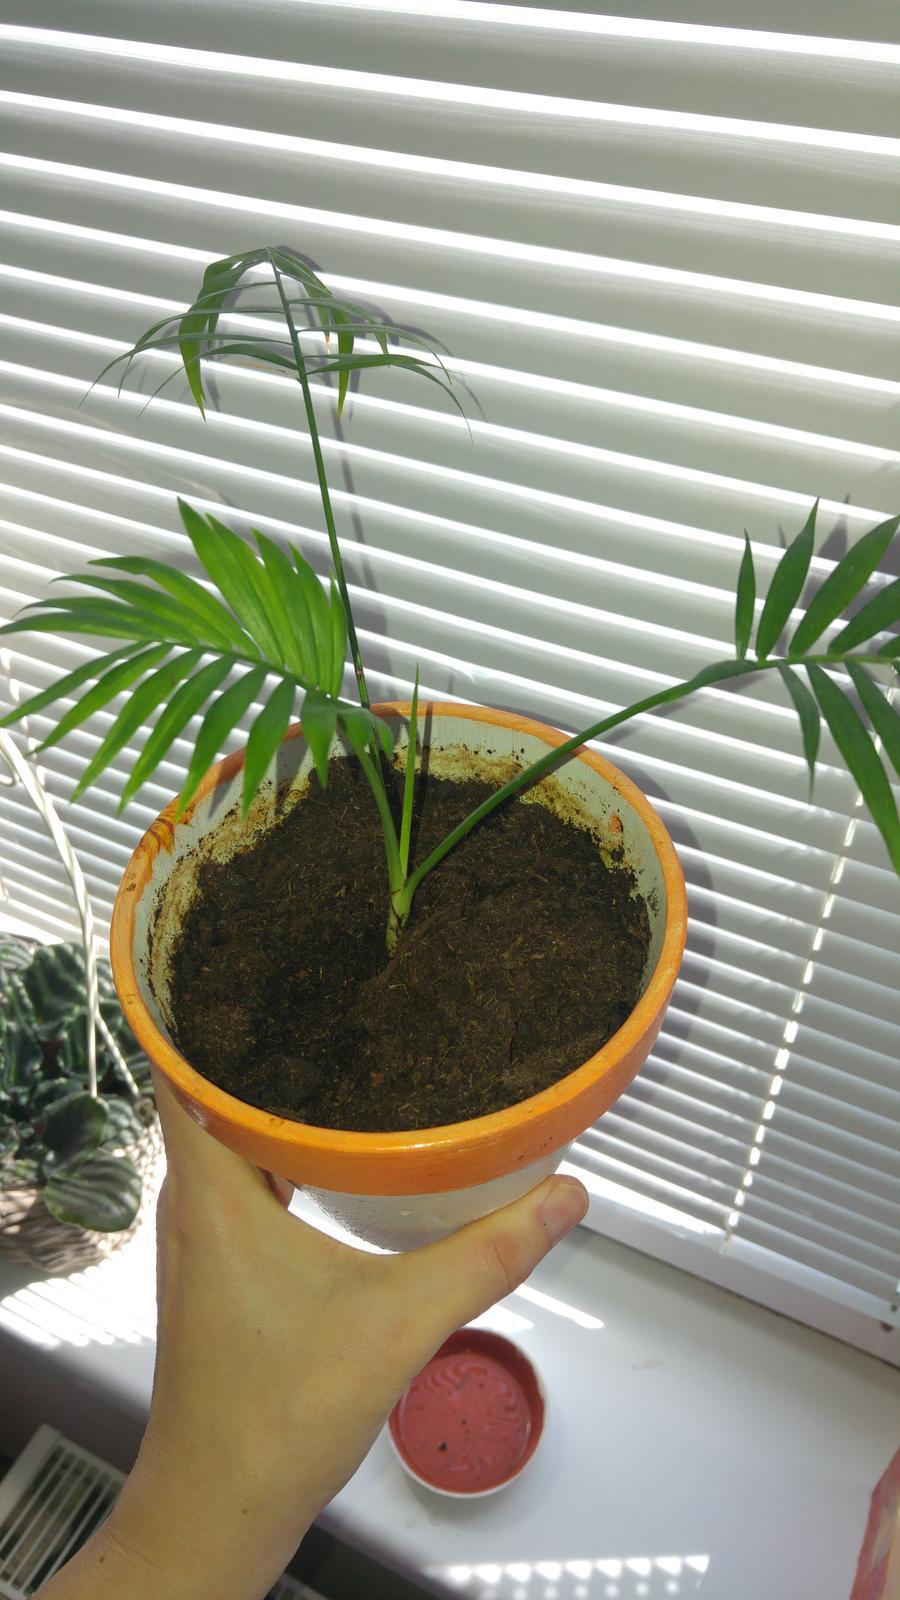 Moje krásne kvetinky - Vykapala mi palma, zachranila som 2 korene